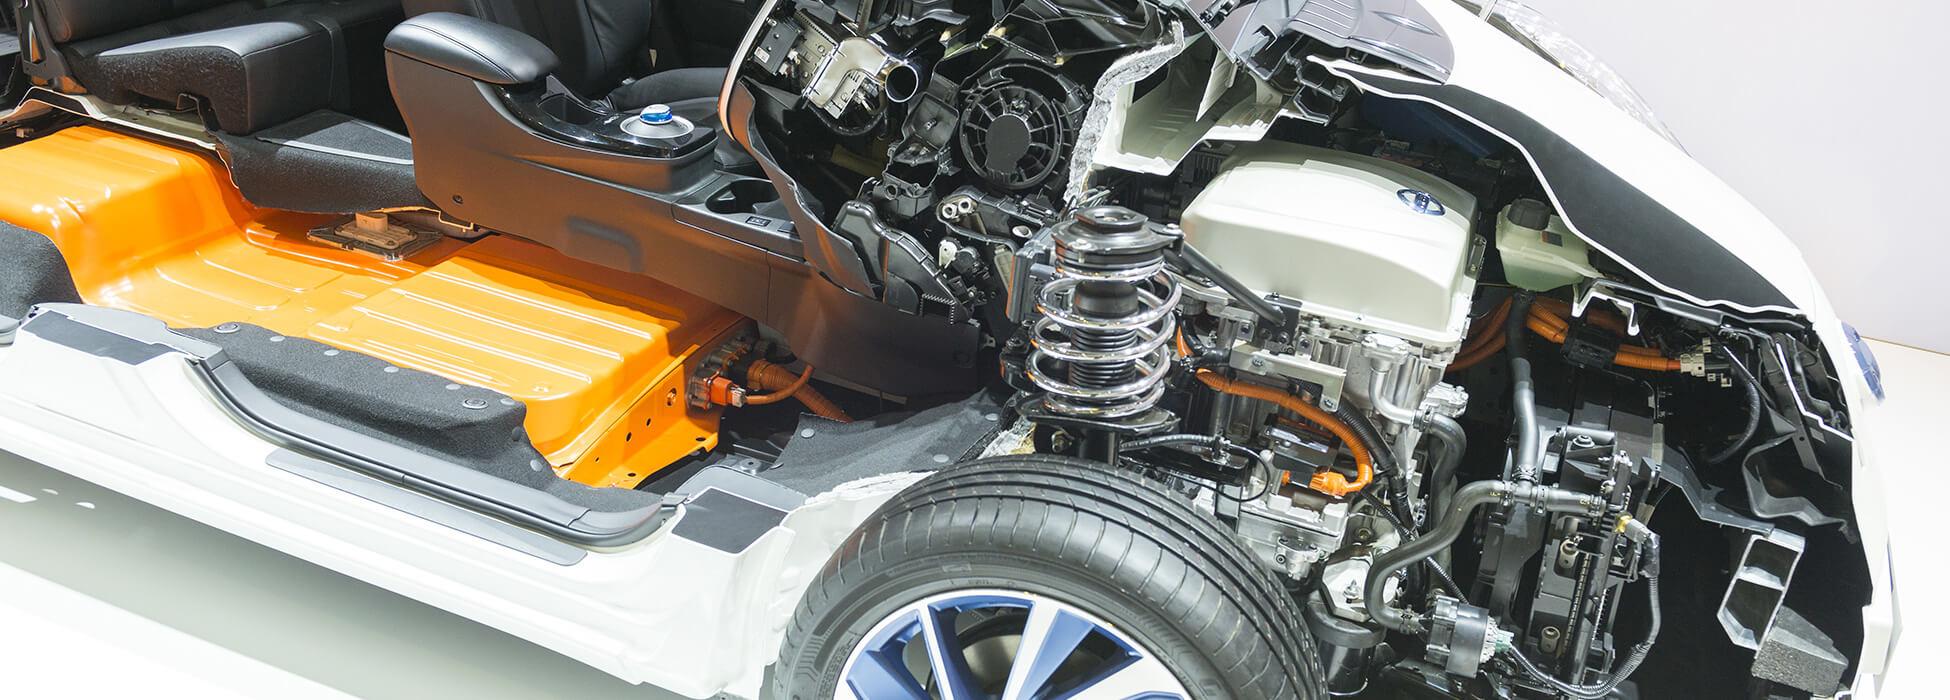 Nettoyage moteur marseille d calaminage sud m canique for Garage smart marseille